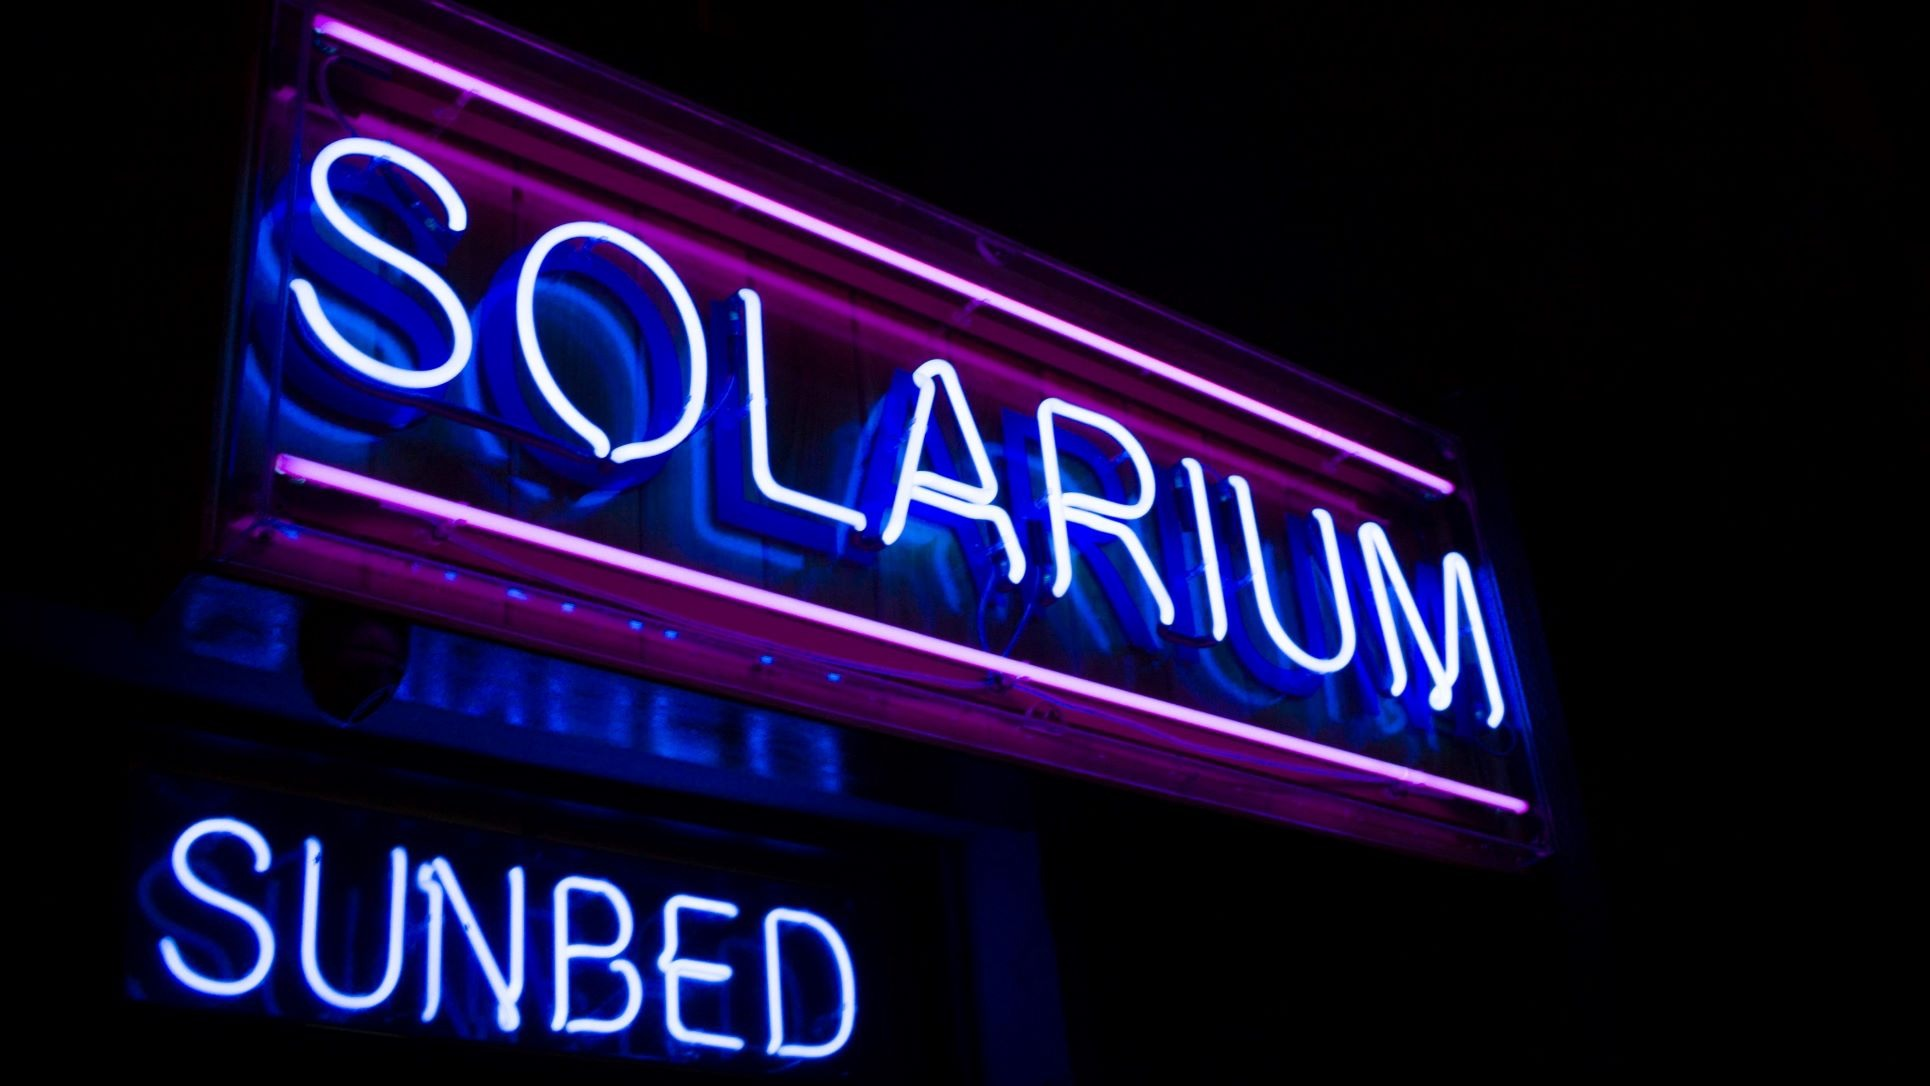 tanning beds sign solarium